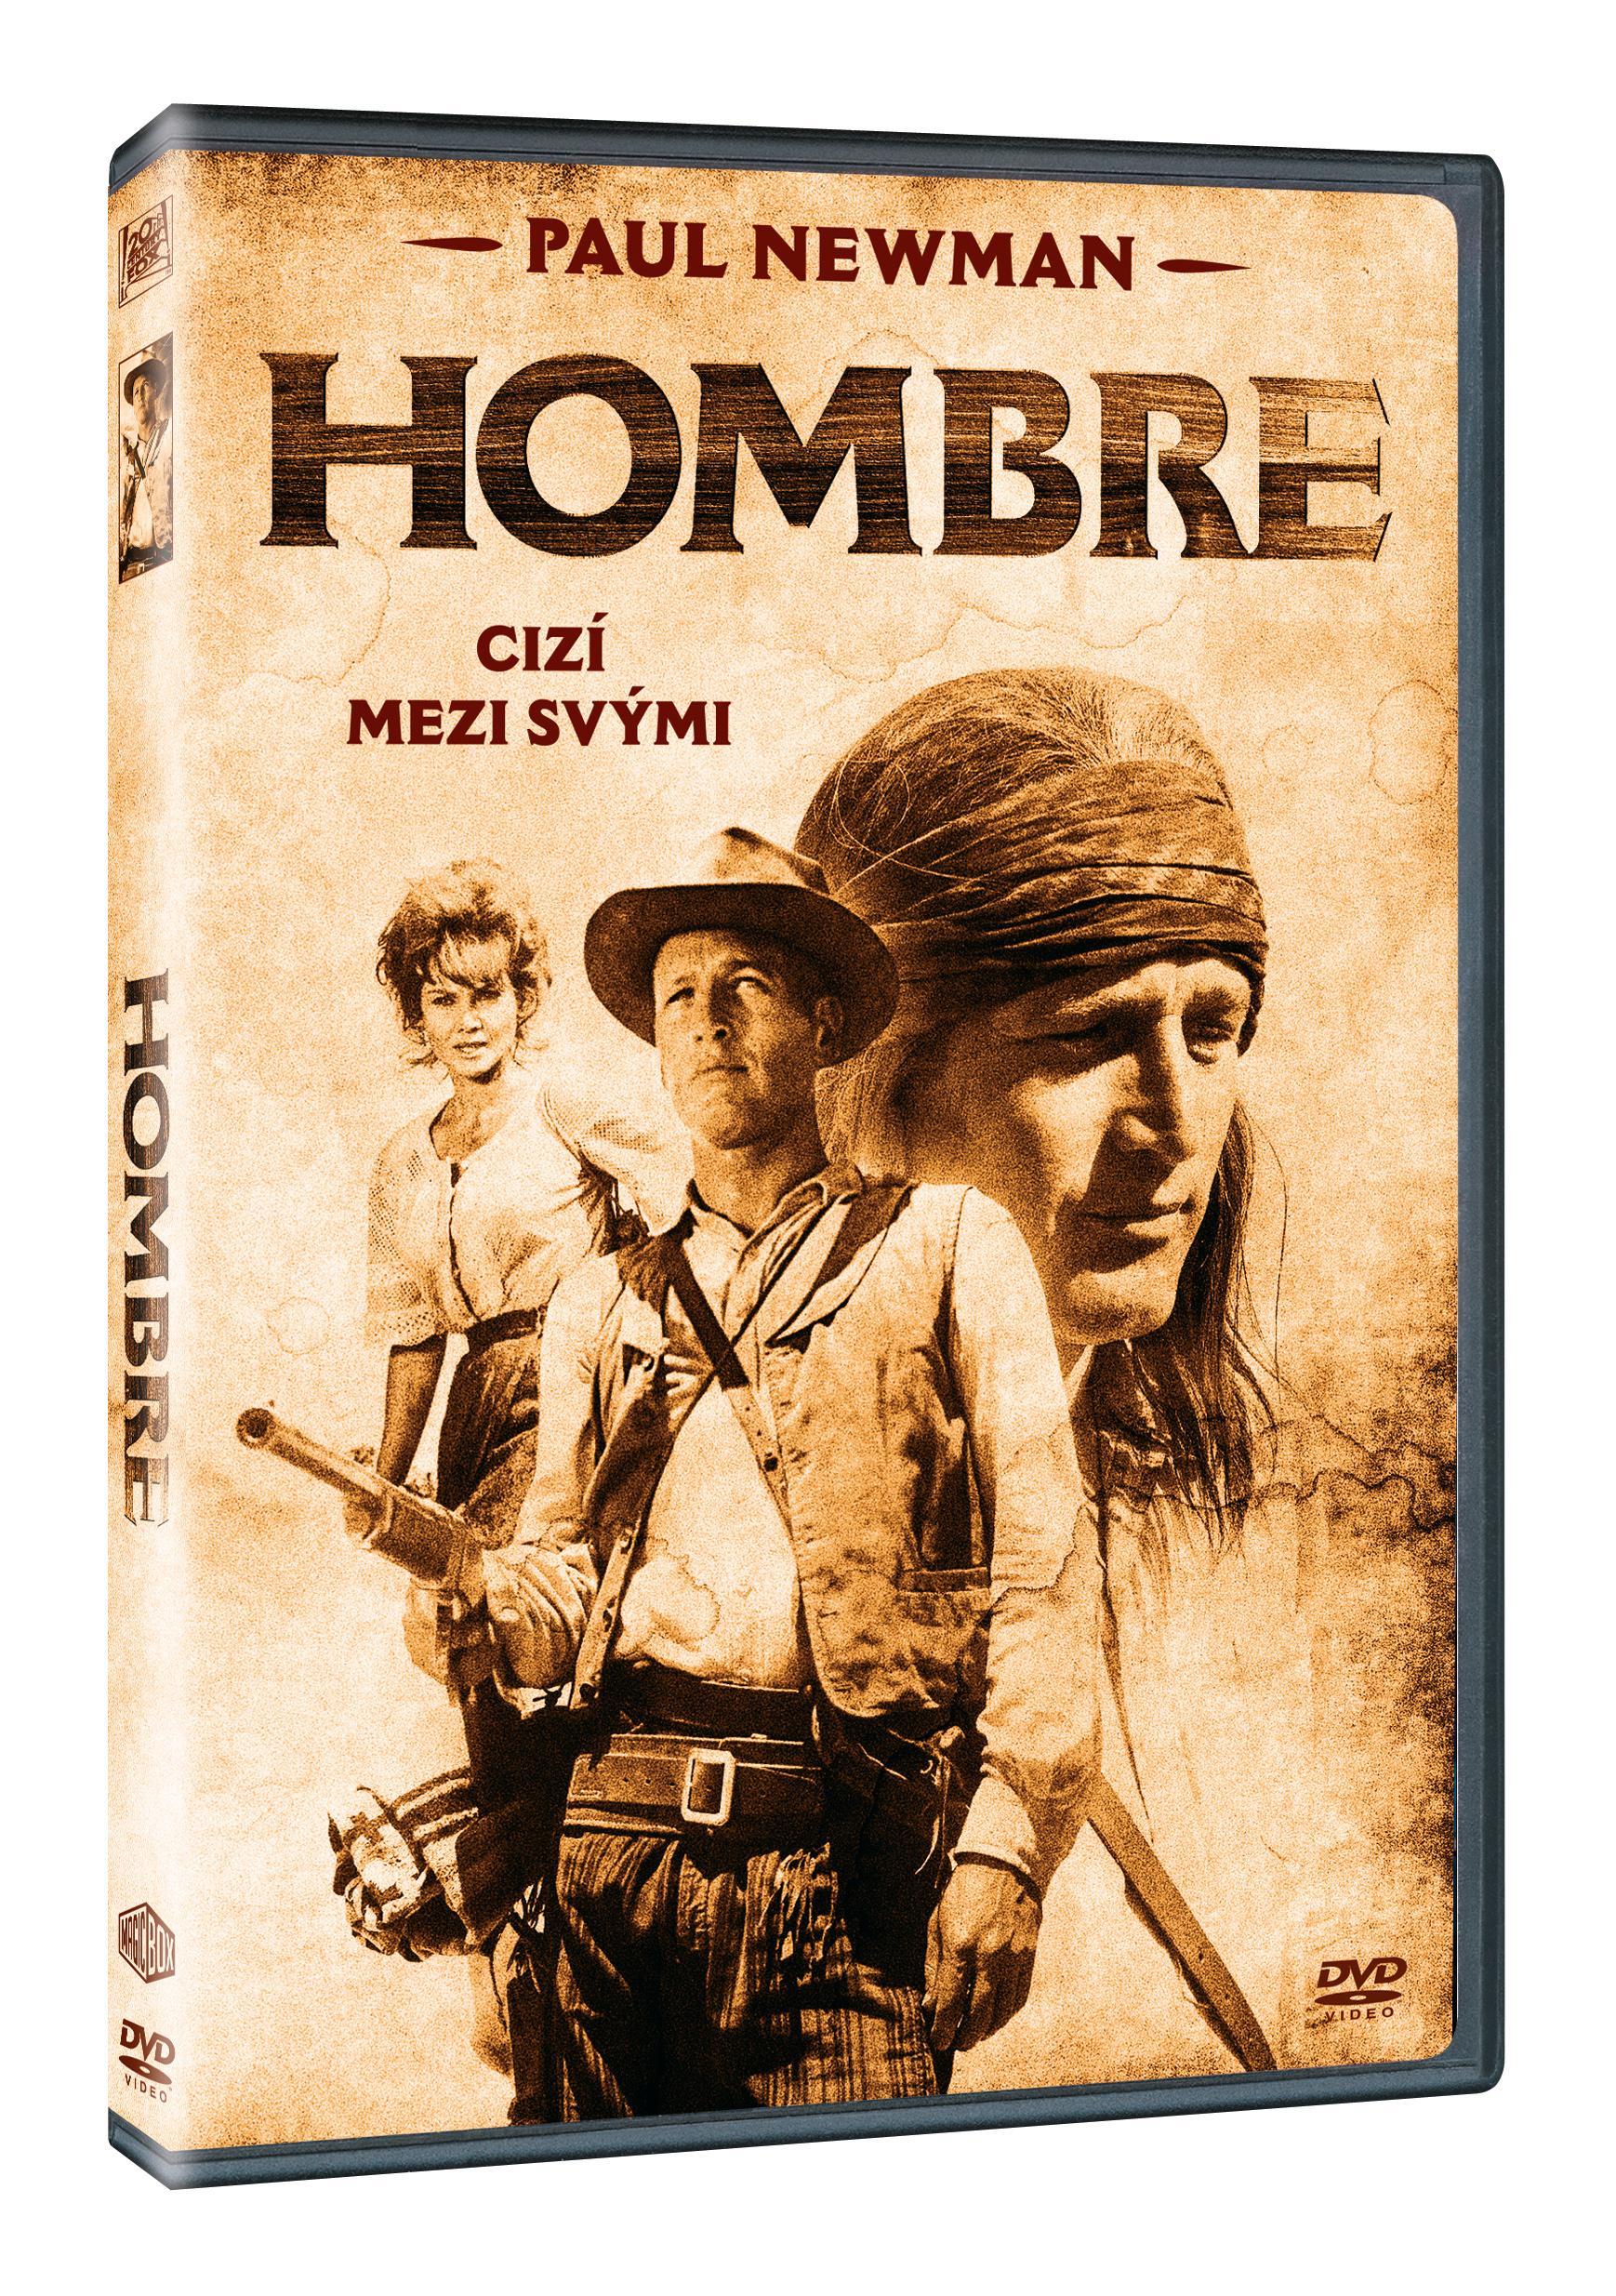 Hombre - Cizí mezi svými - DVD /plast/